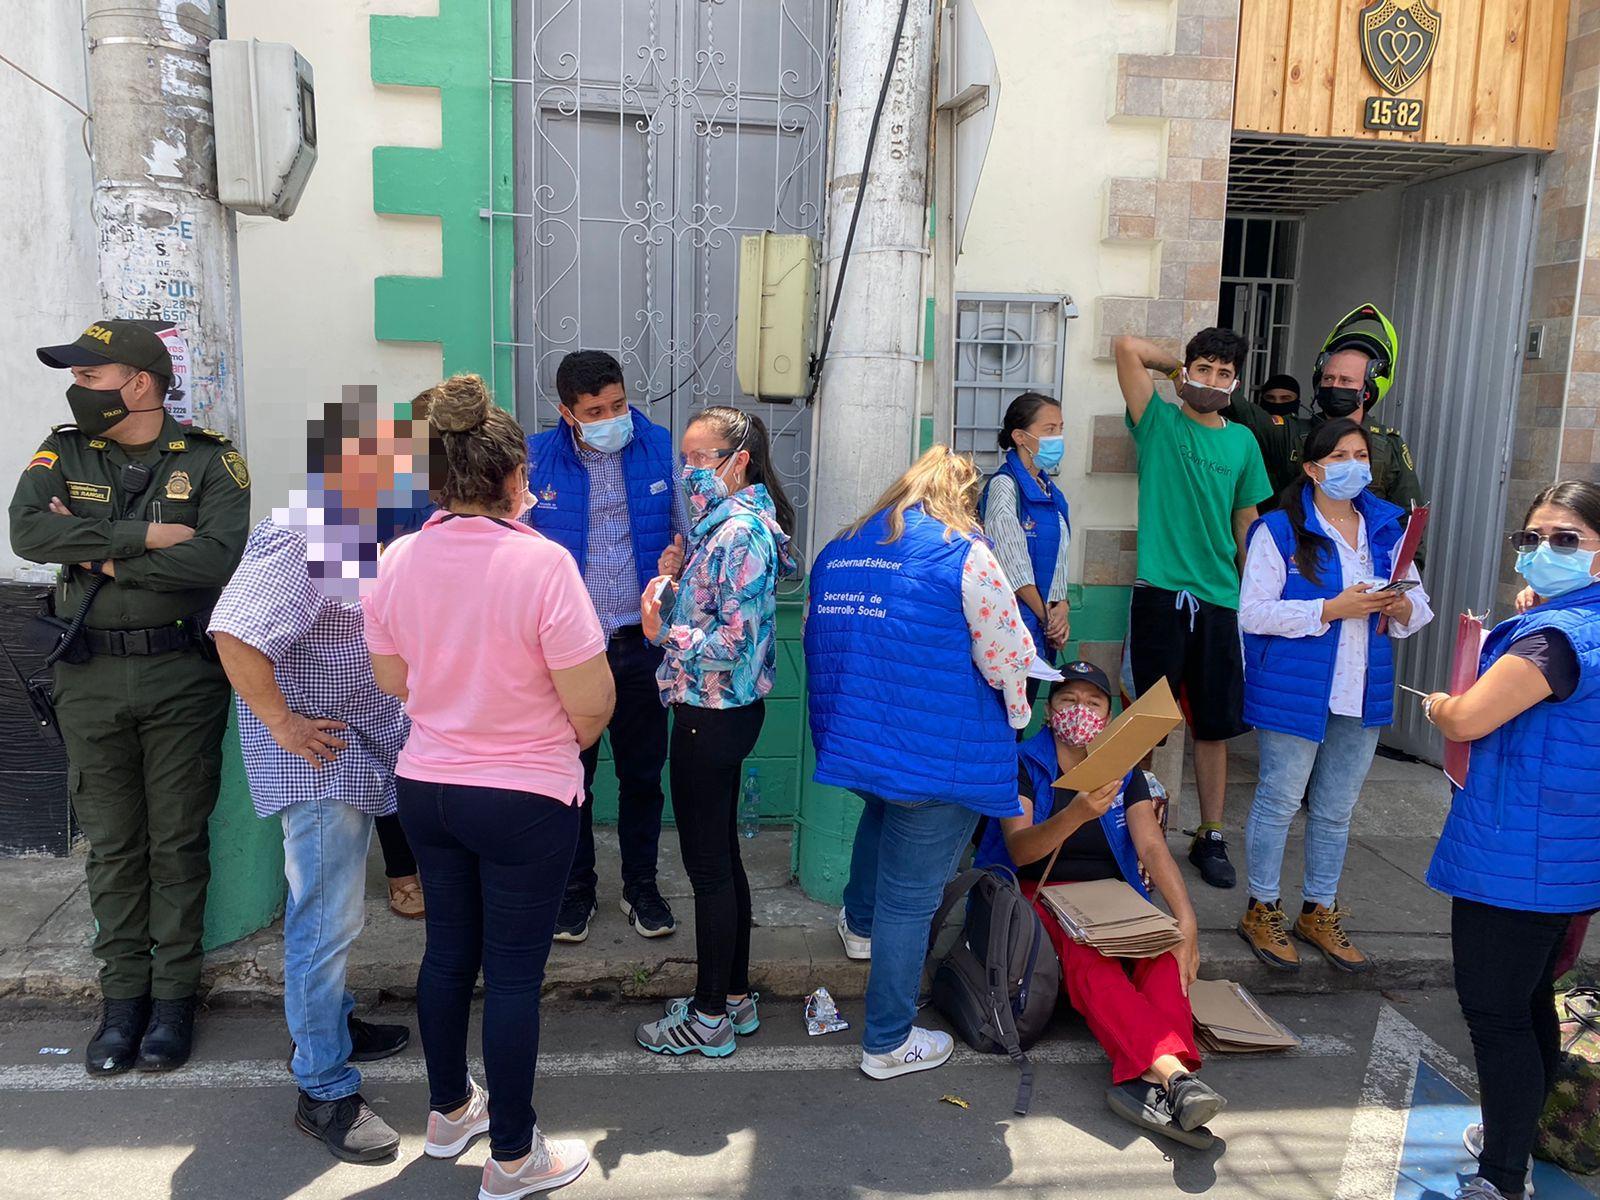 Las personas fueron evacuadas de la fundación y las autoridades darán inicio a las respectivas investigaciones.